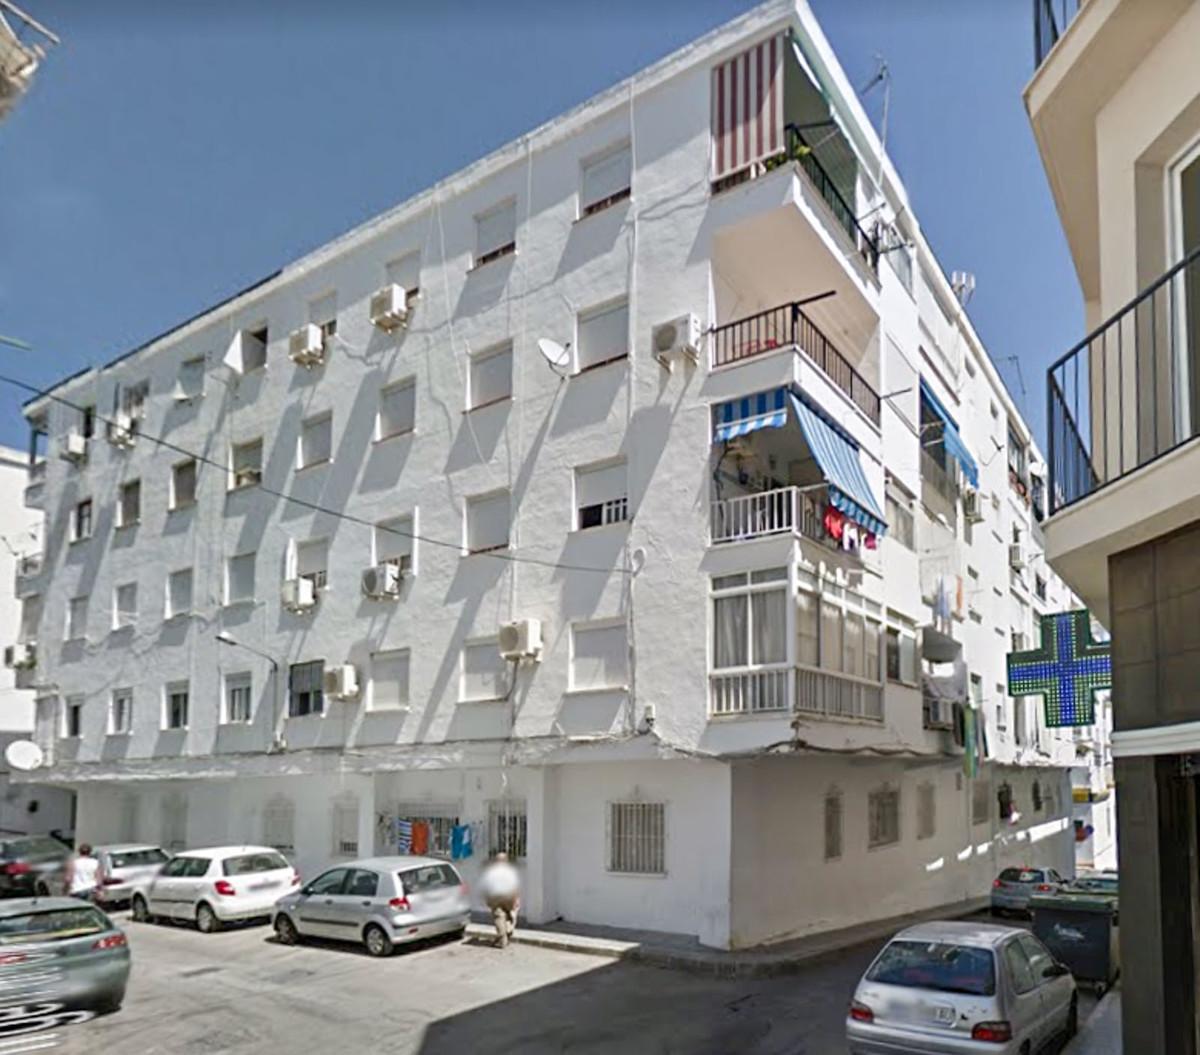 Апартамент - Alhaurín el Grande - R3659576 - mibgroup.es